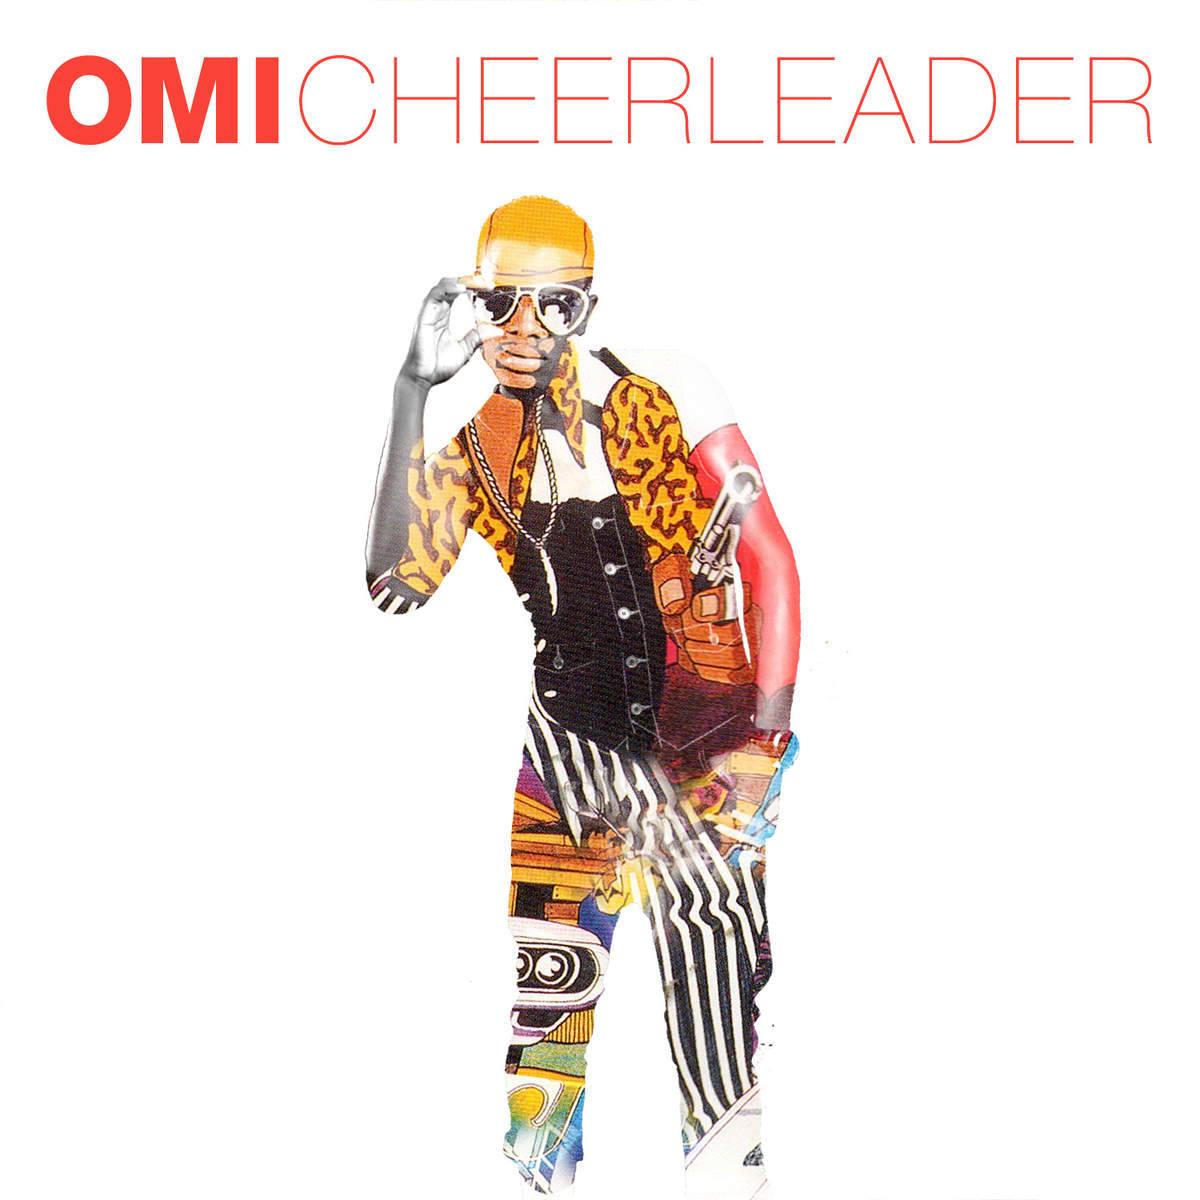 omi felix jaehn cheerleader